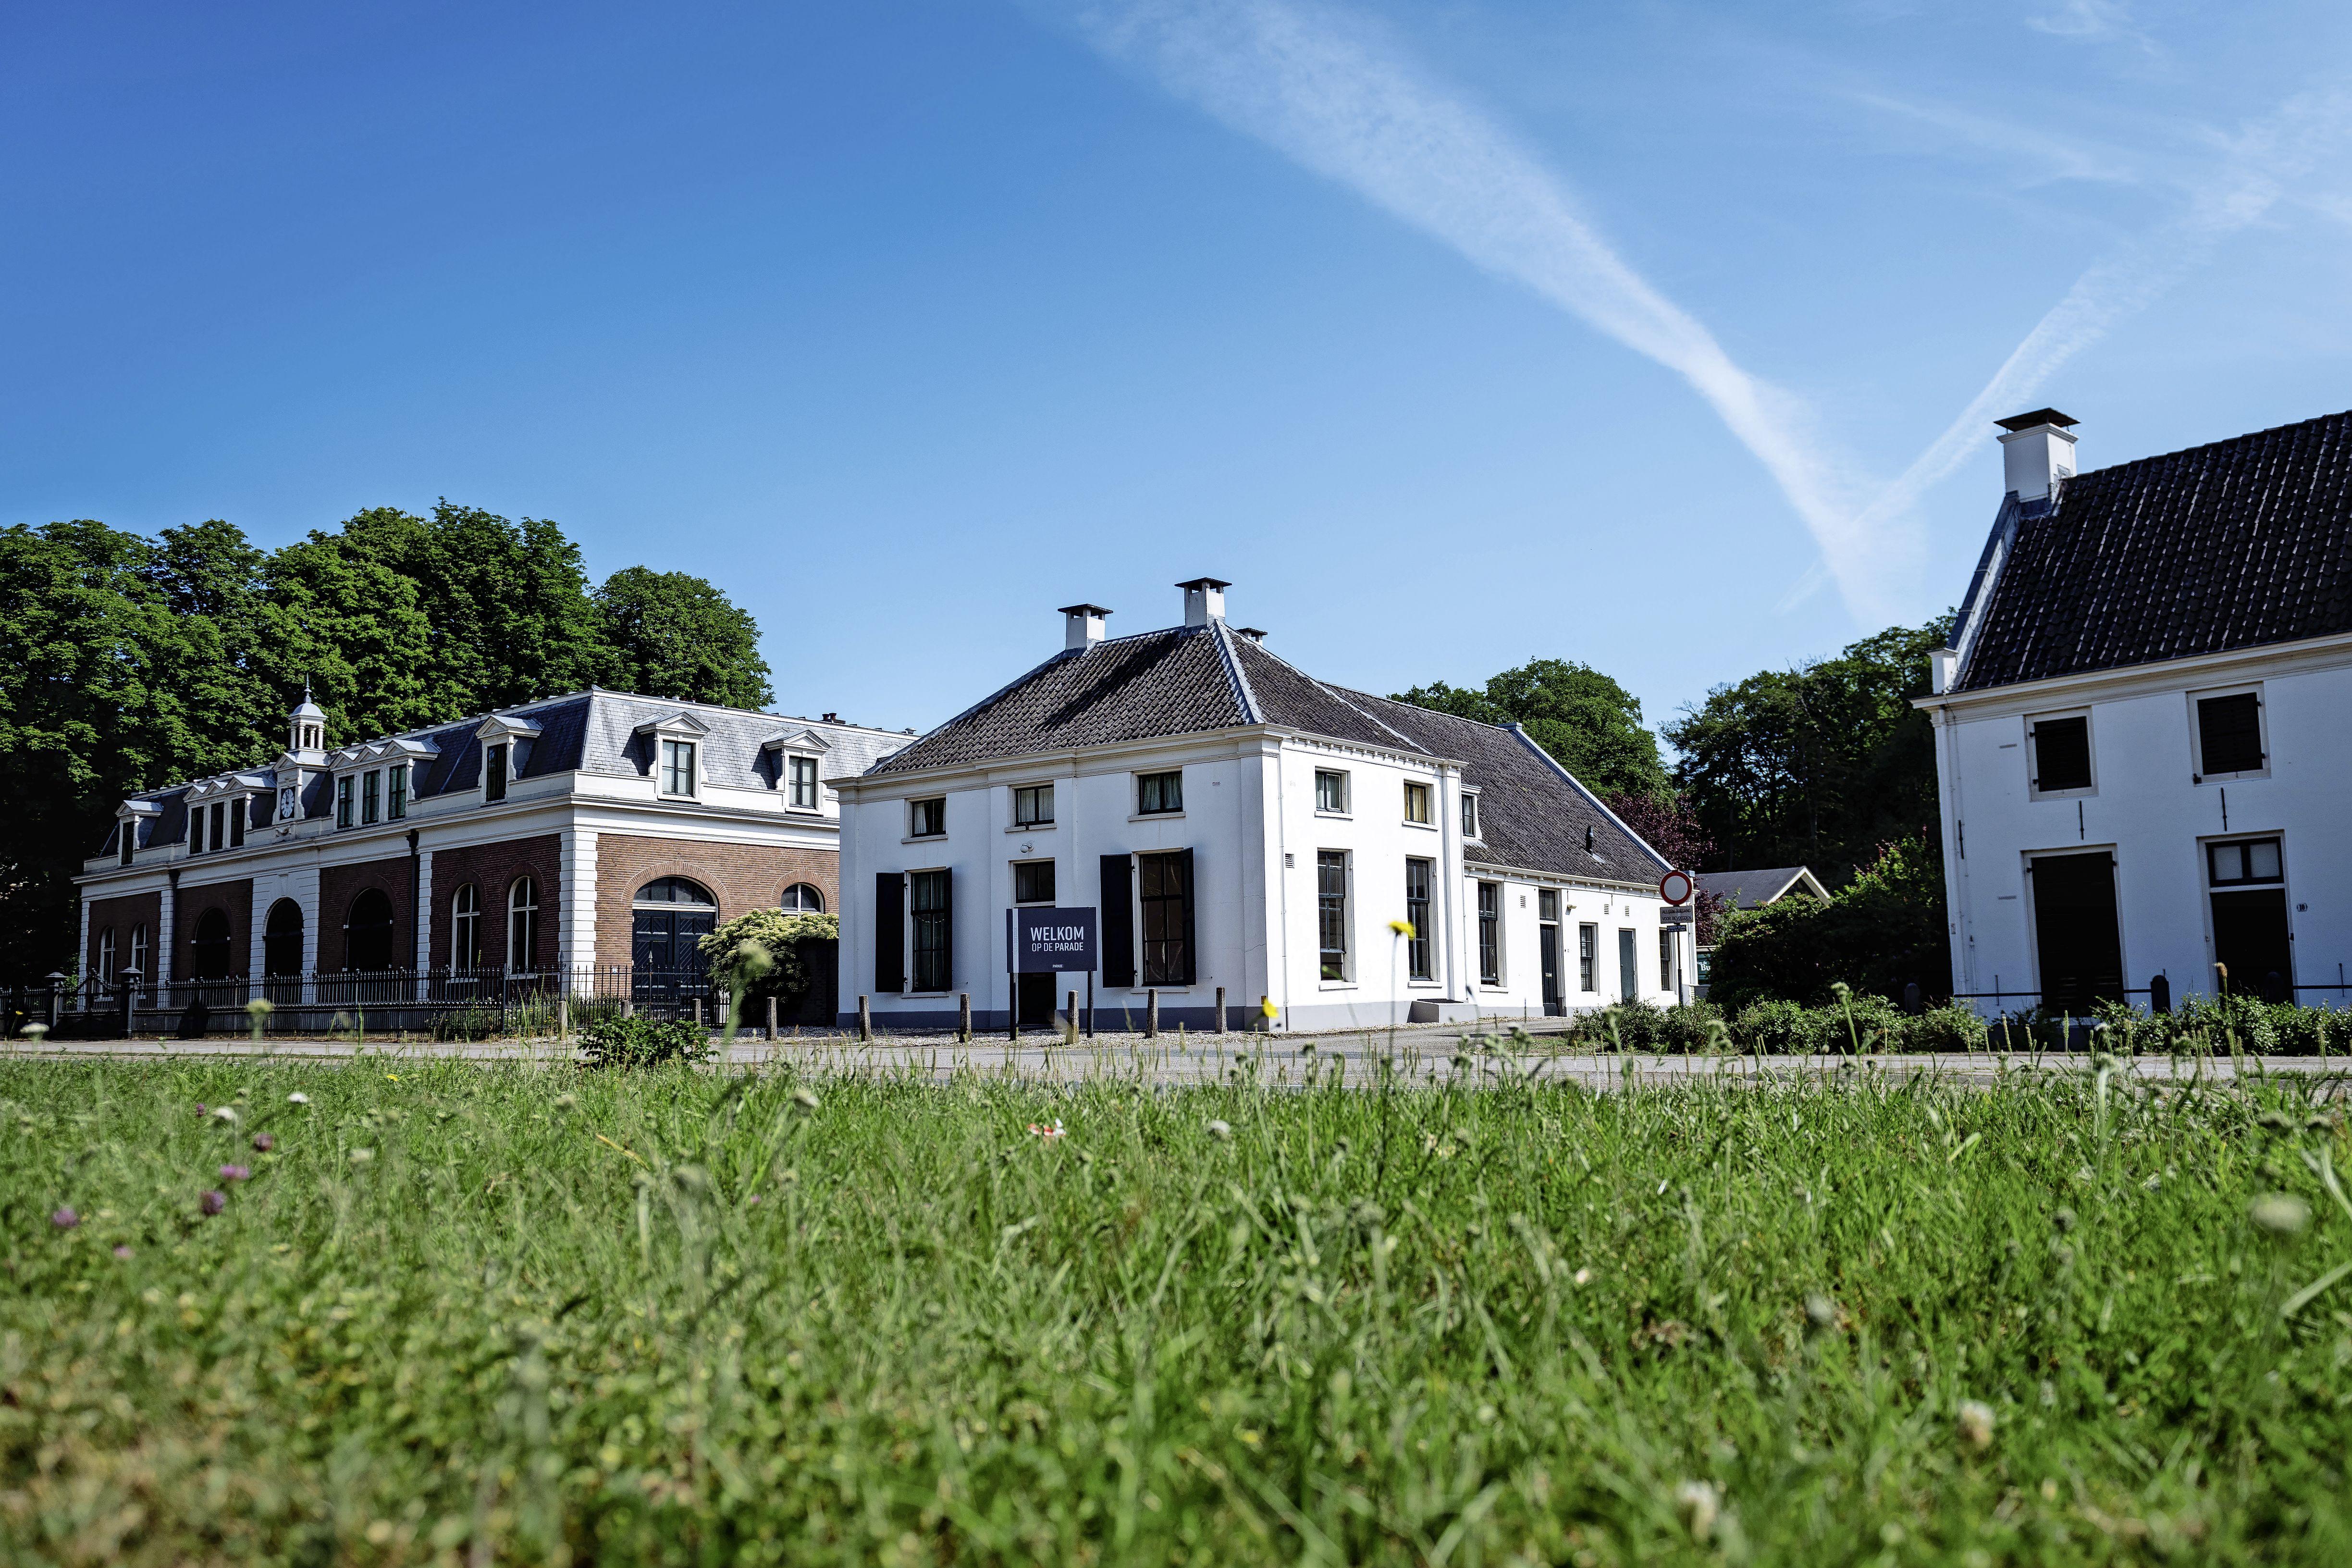 Paleis Soestdijk opent informatiecentrum over paleisplannen, maar ook voor toeristische informatie over de regio